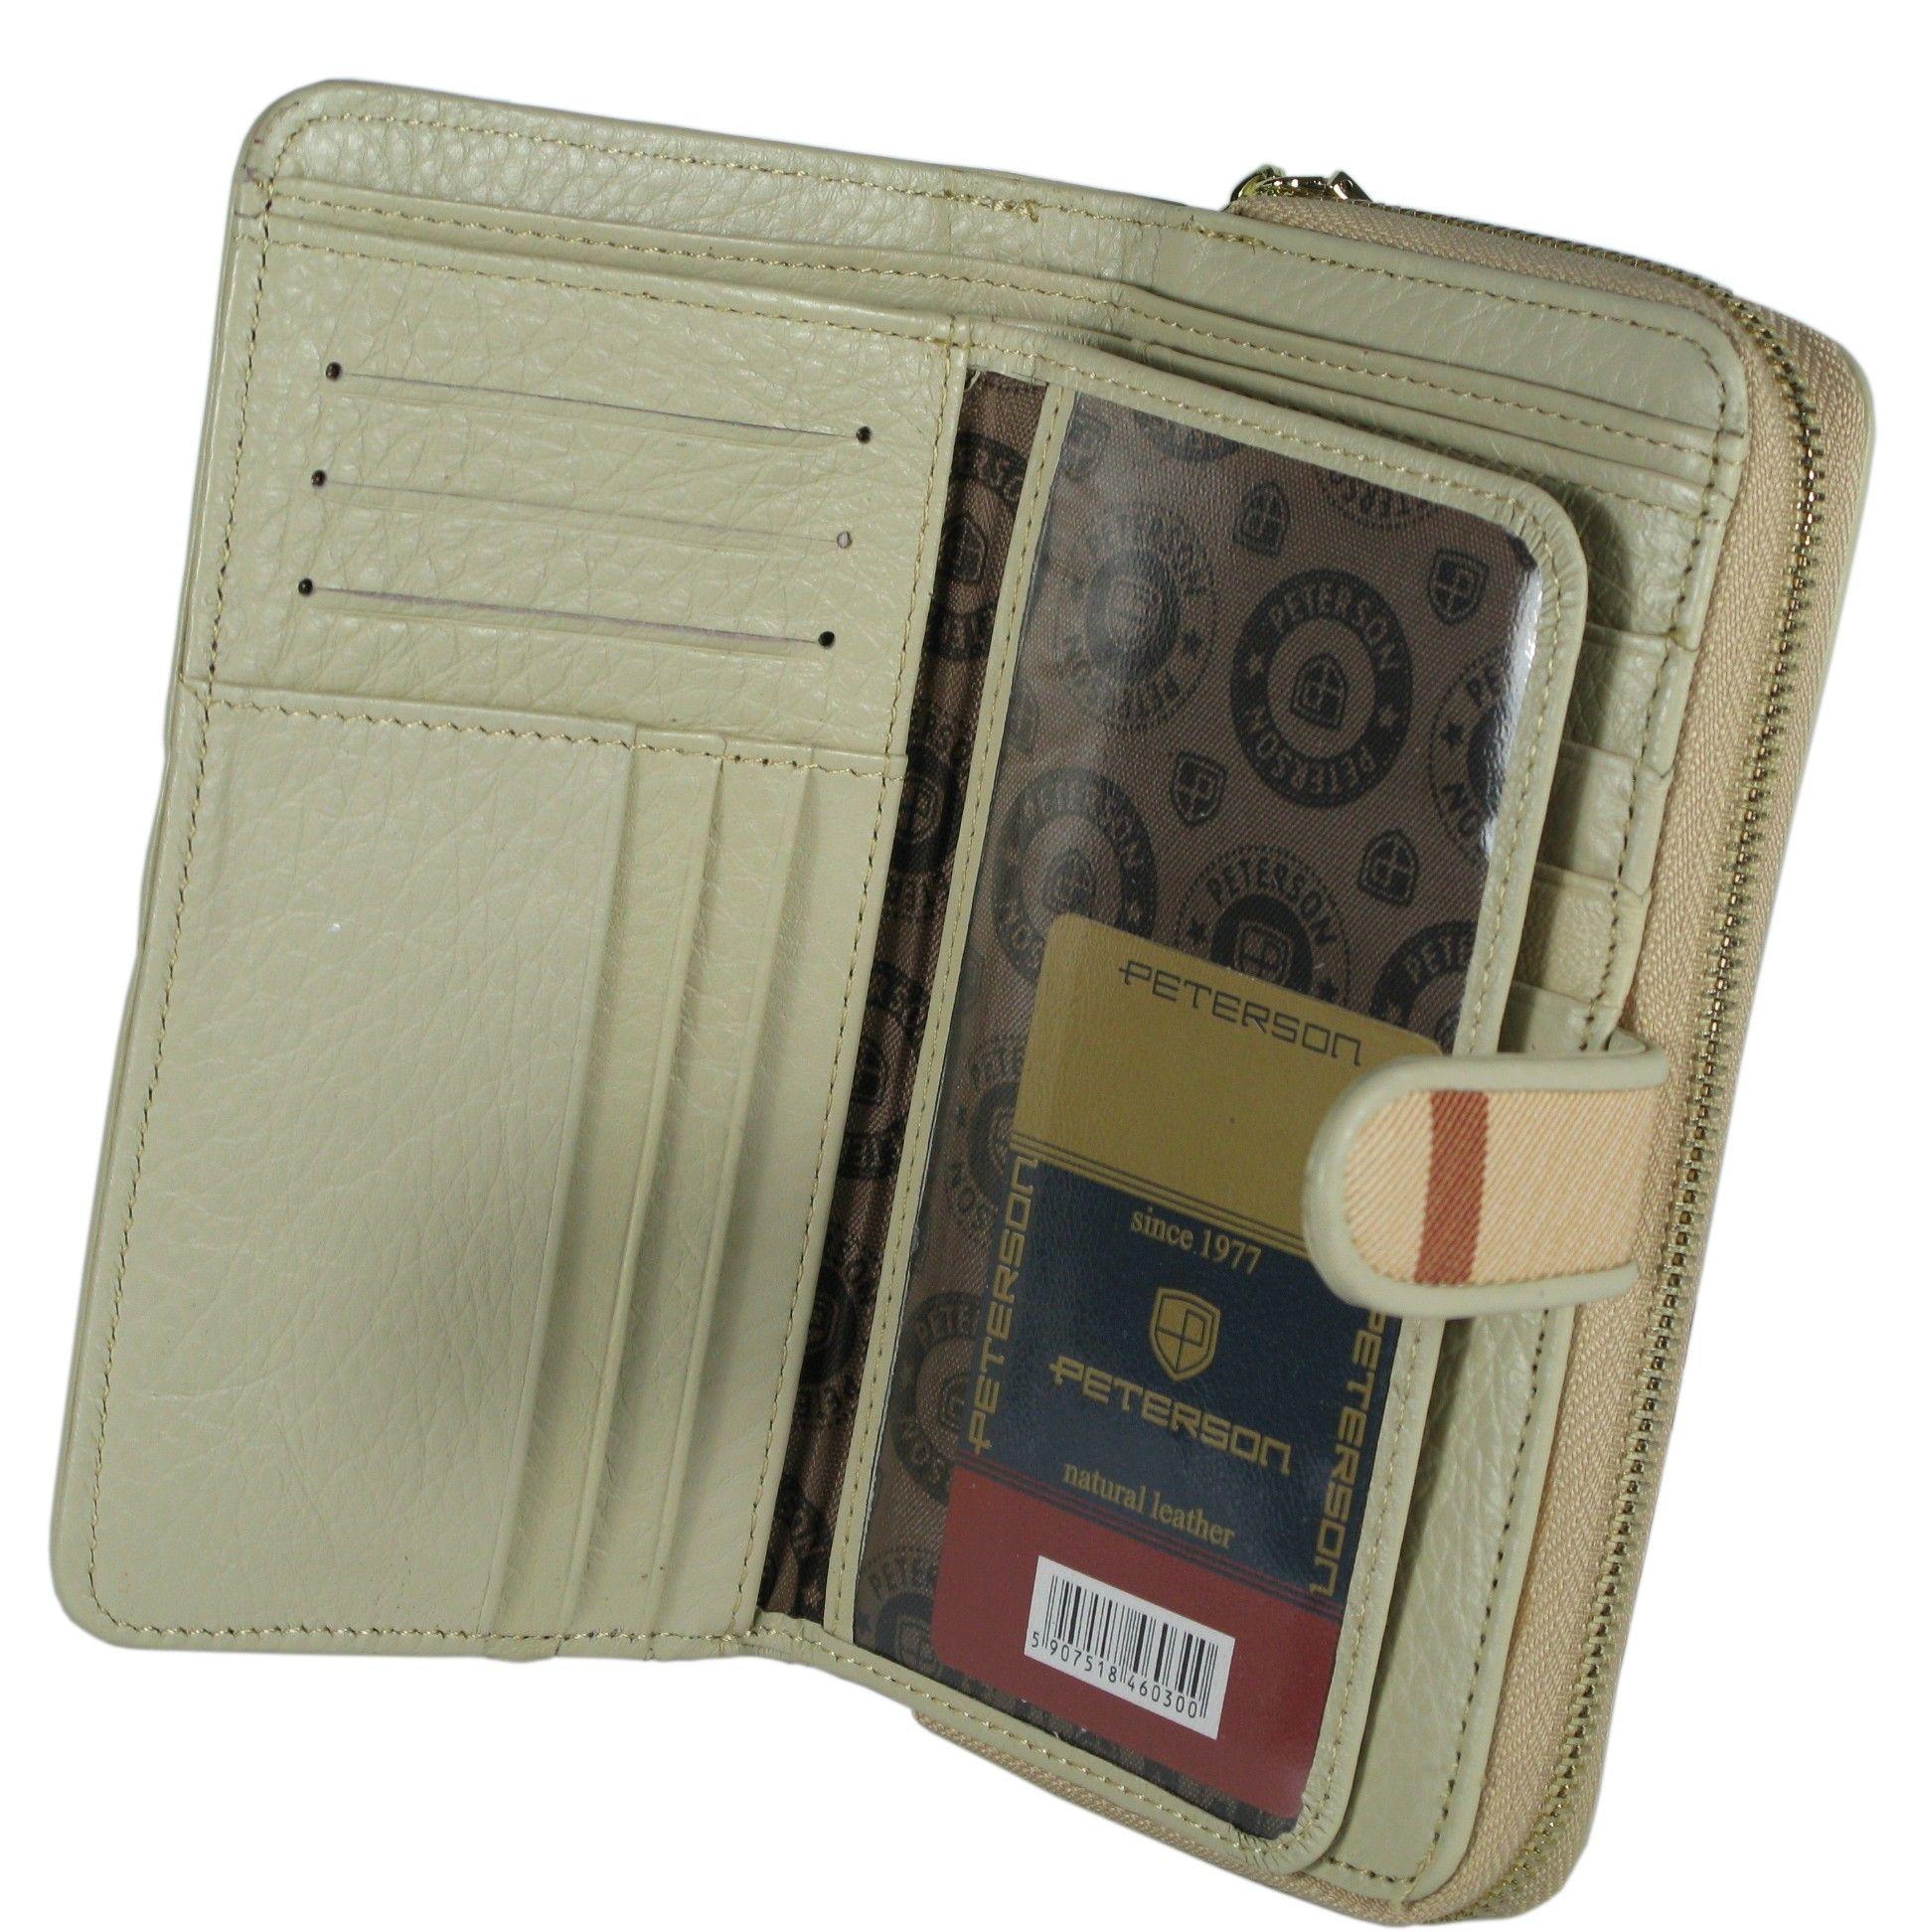 5e2c12607b2cd ... portfel damski skórzany allegro czarny peterson lakierowany ...